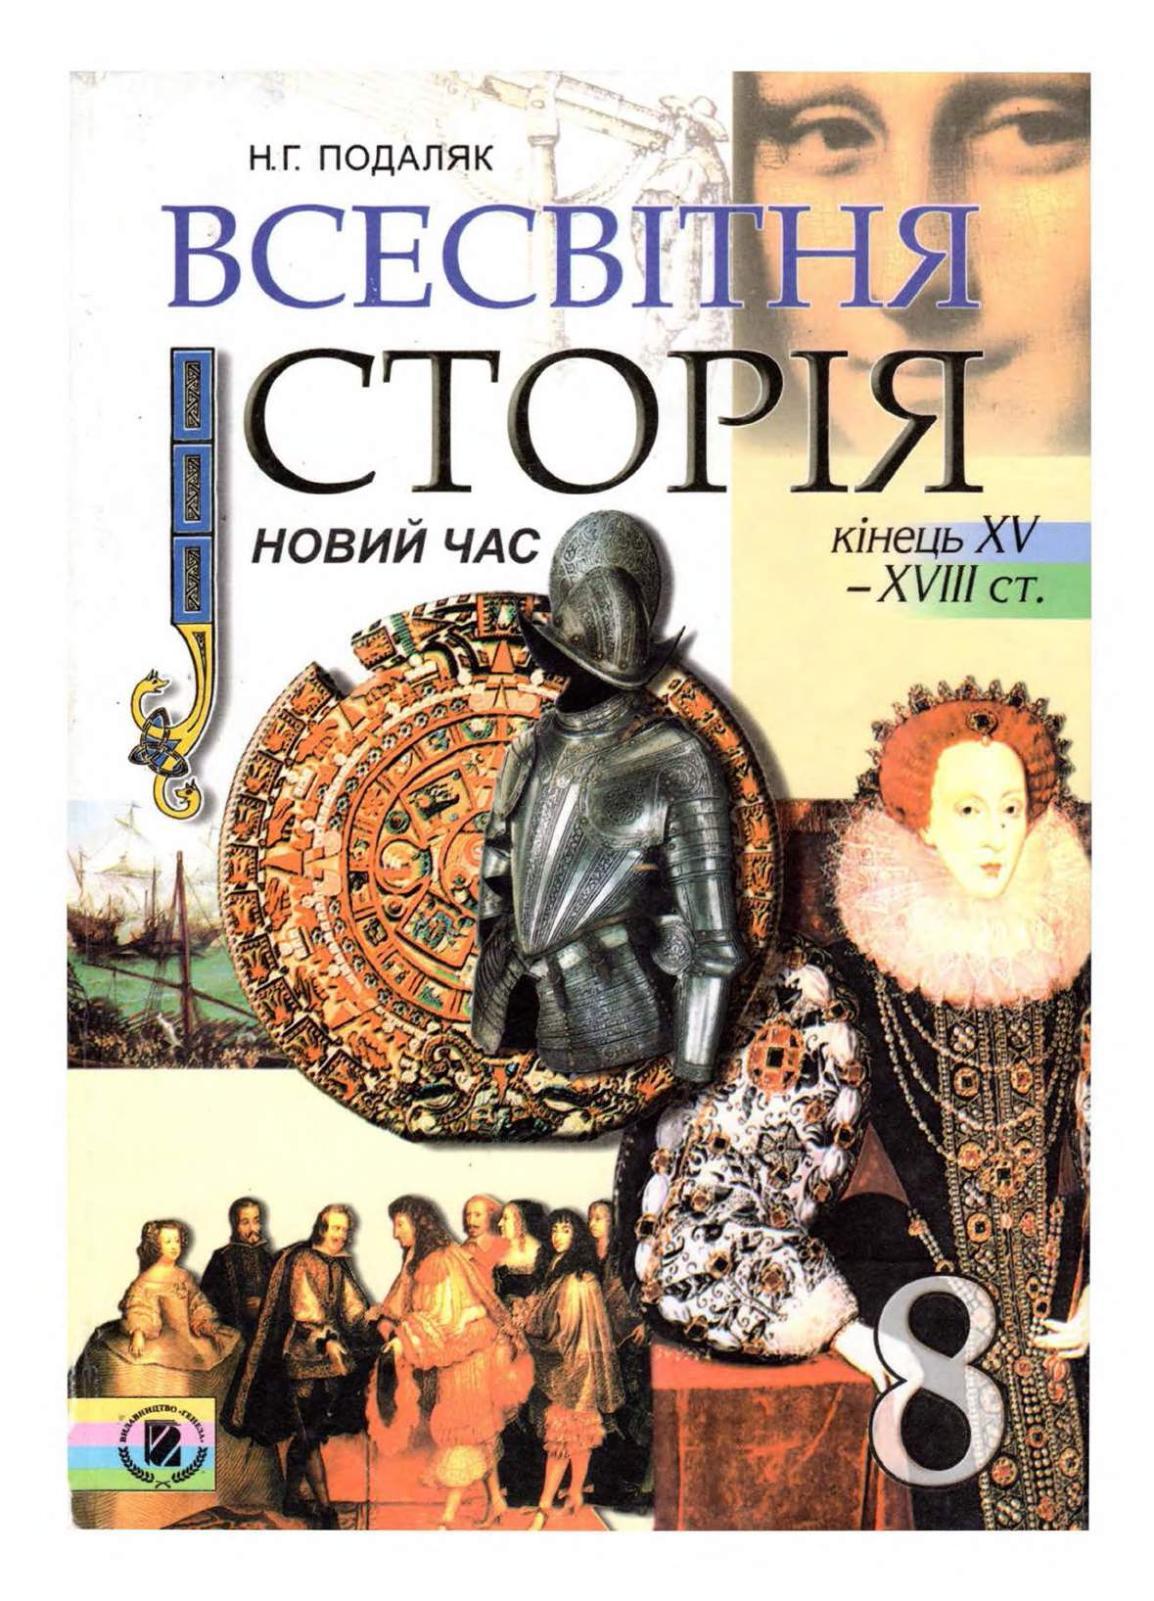 Calaméo - 8 Klas Vsesvitnja Istorija Podaljak 2008 1567a23145f2c